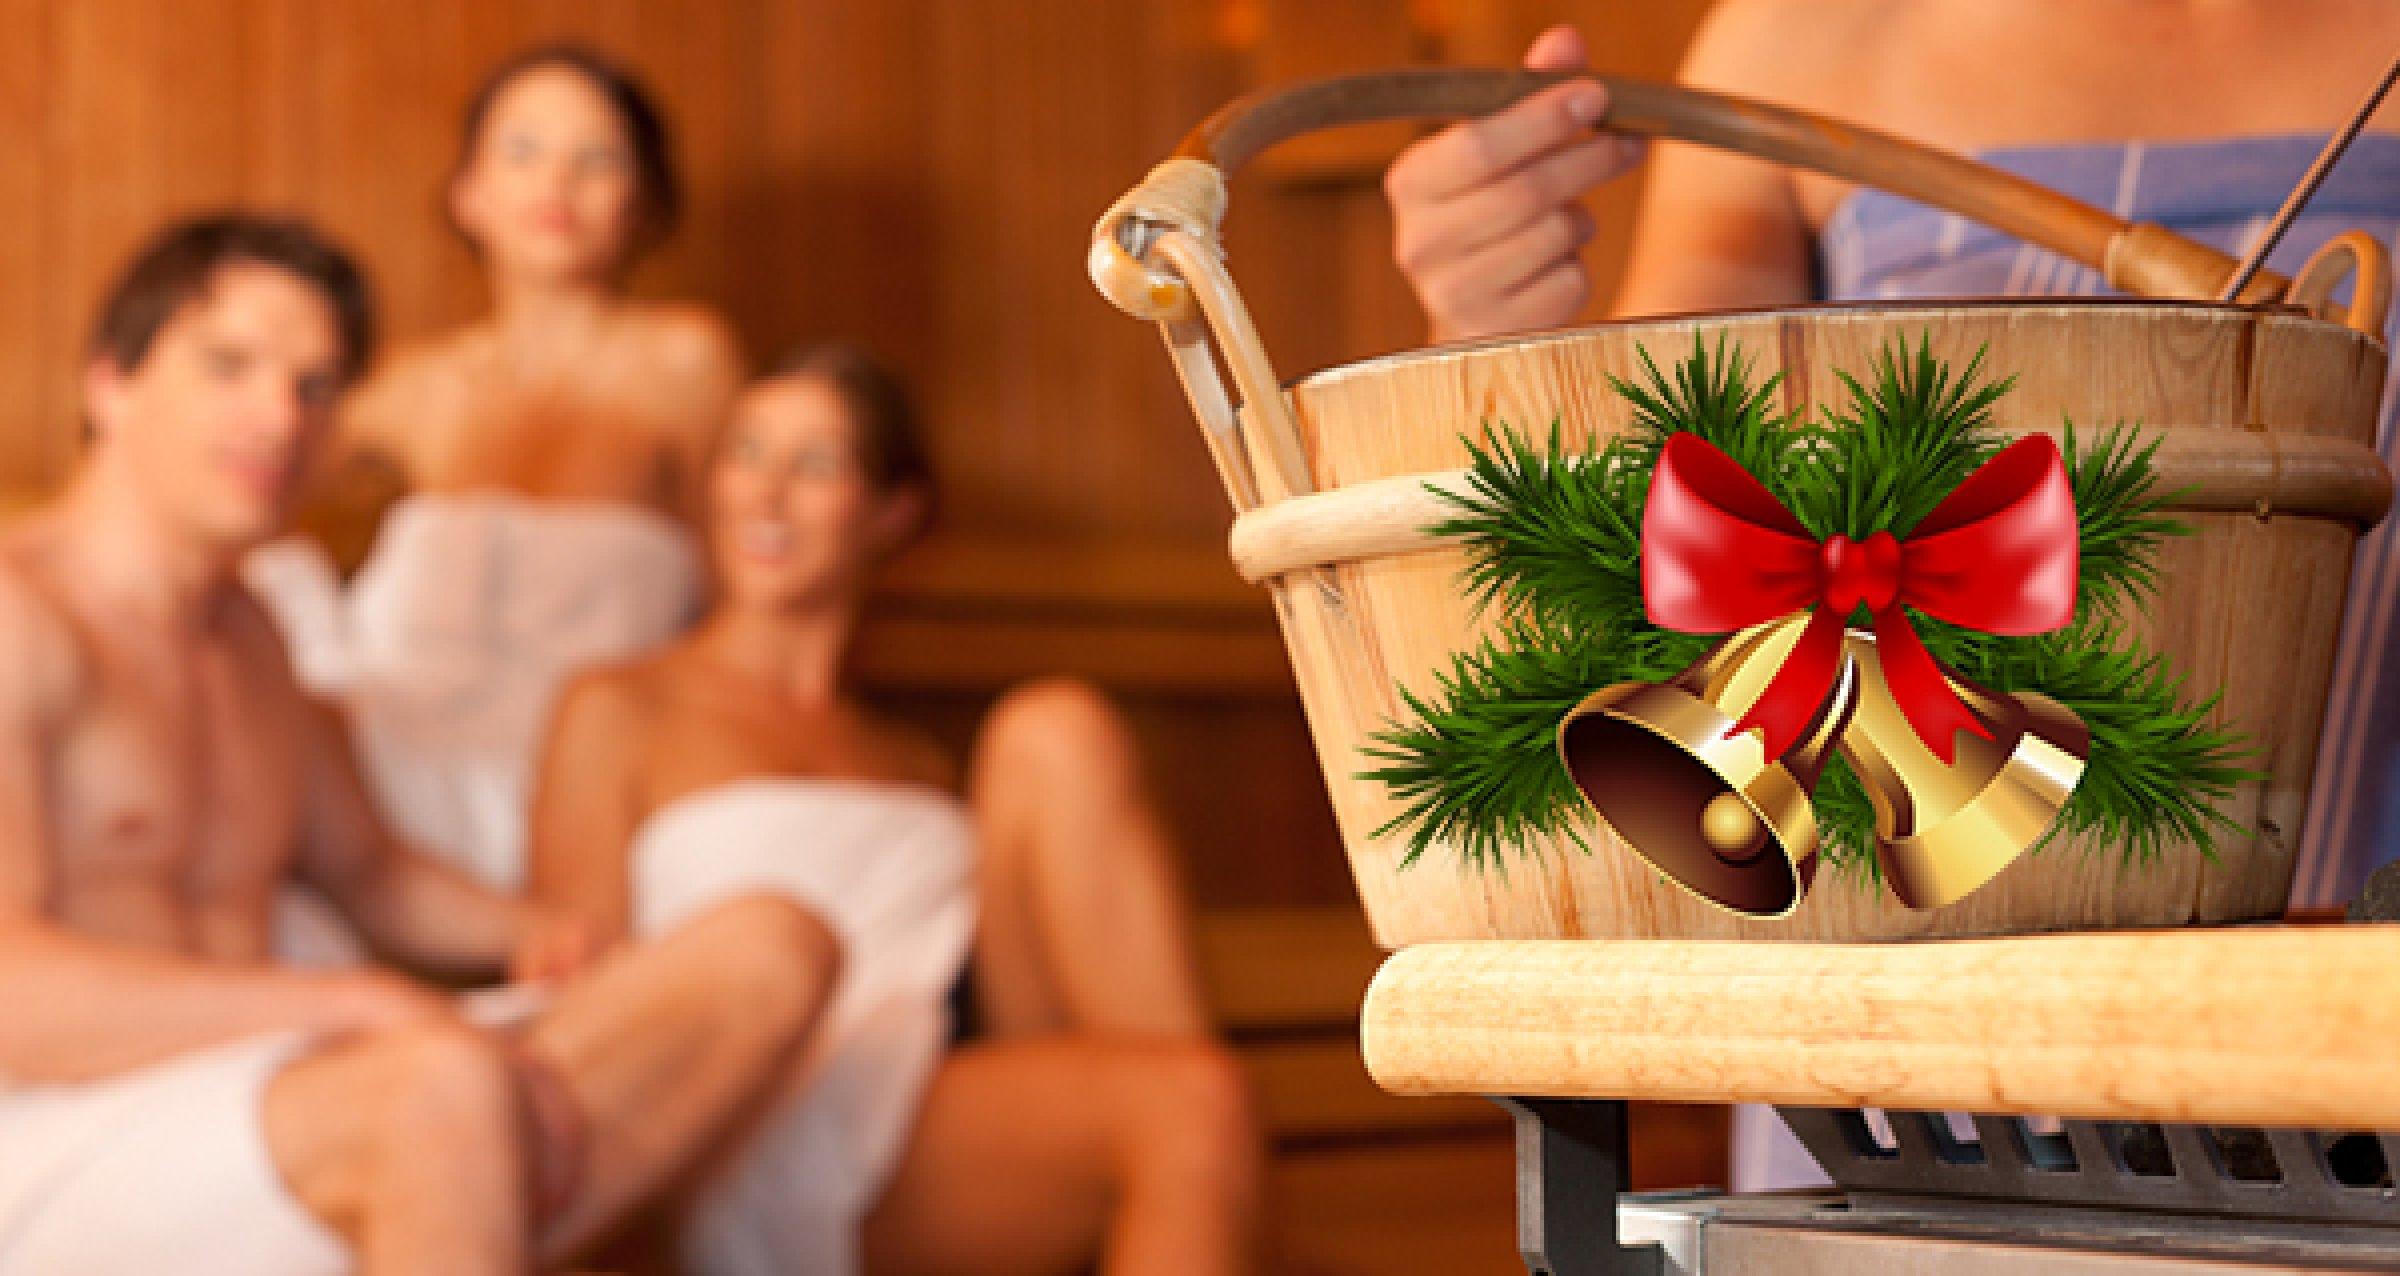 Туристы в Новый год на Селигере ищут баню и бассейн